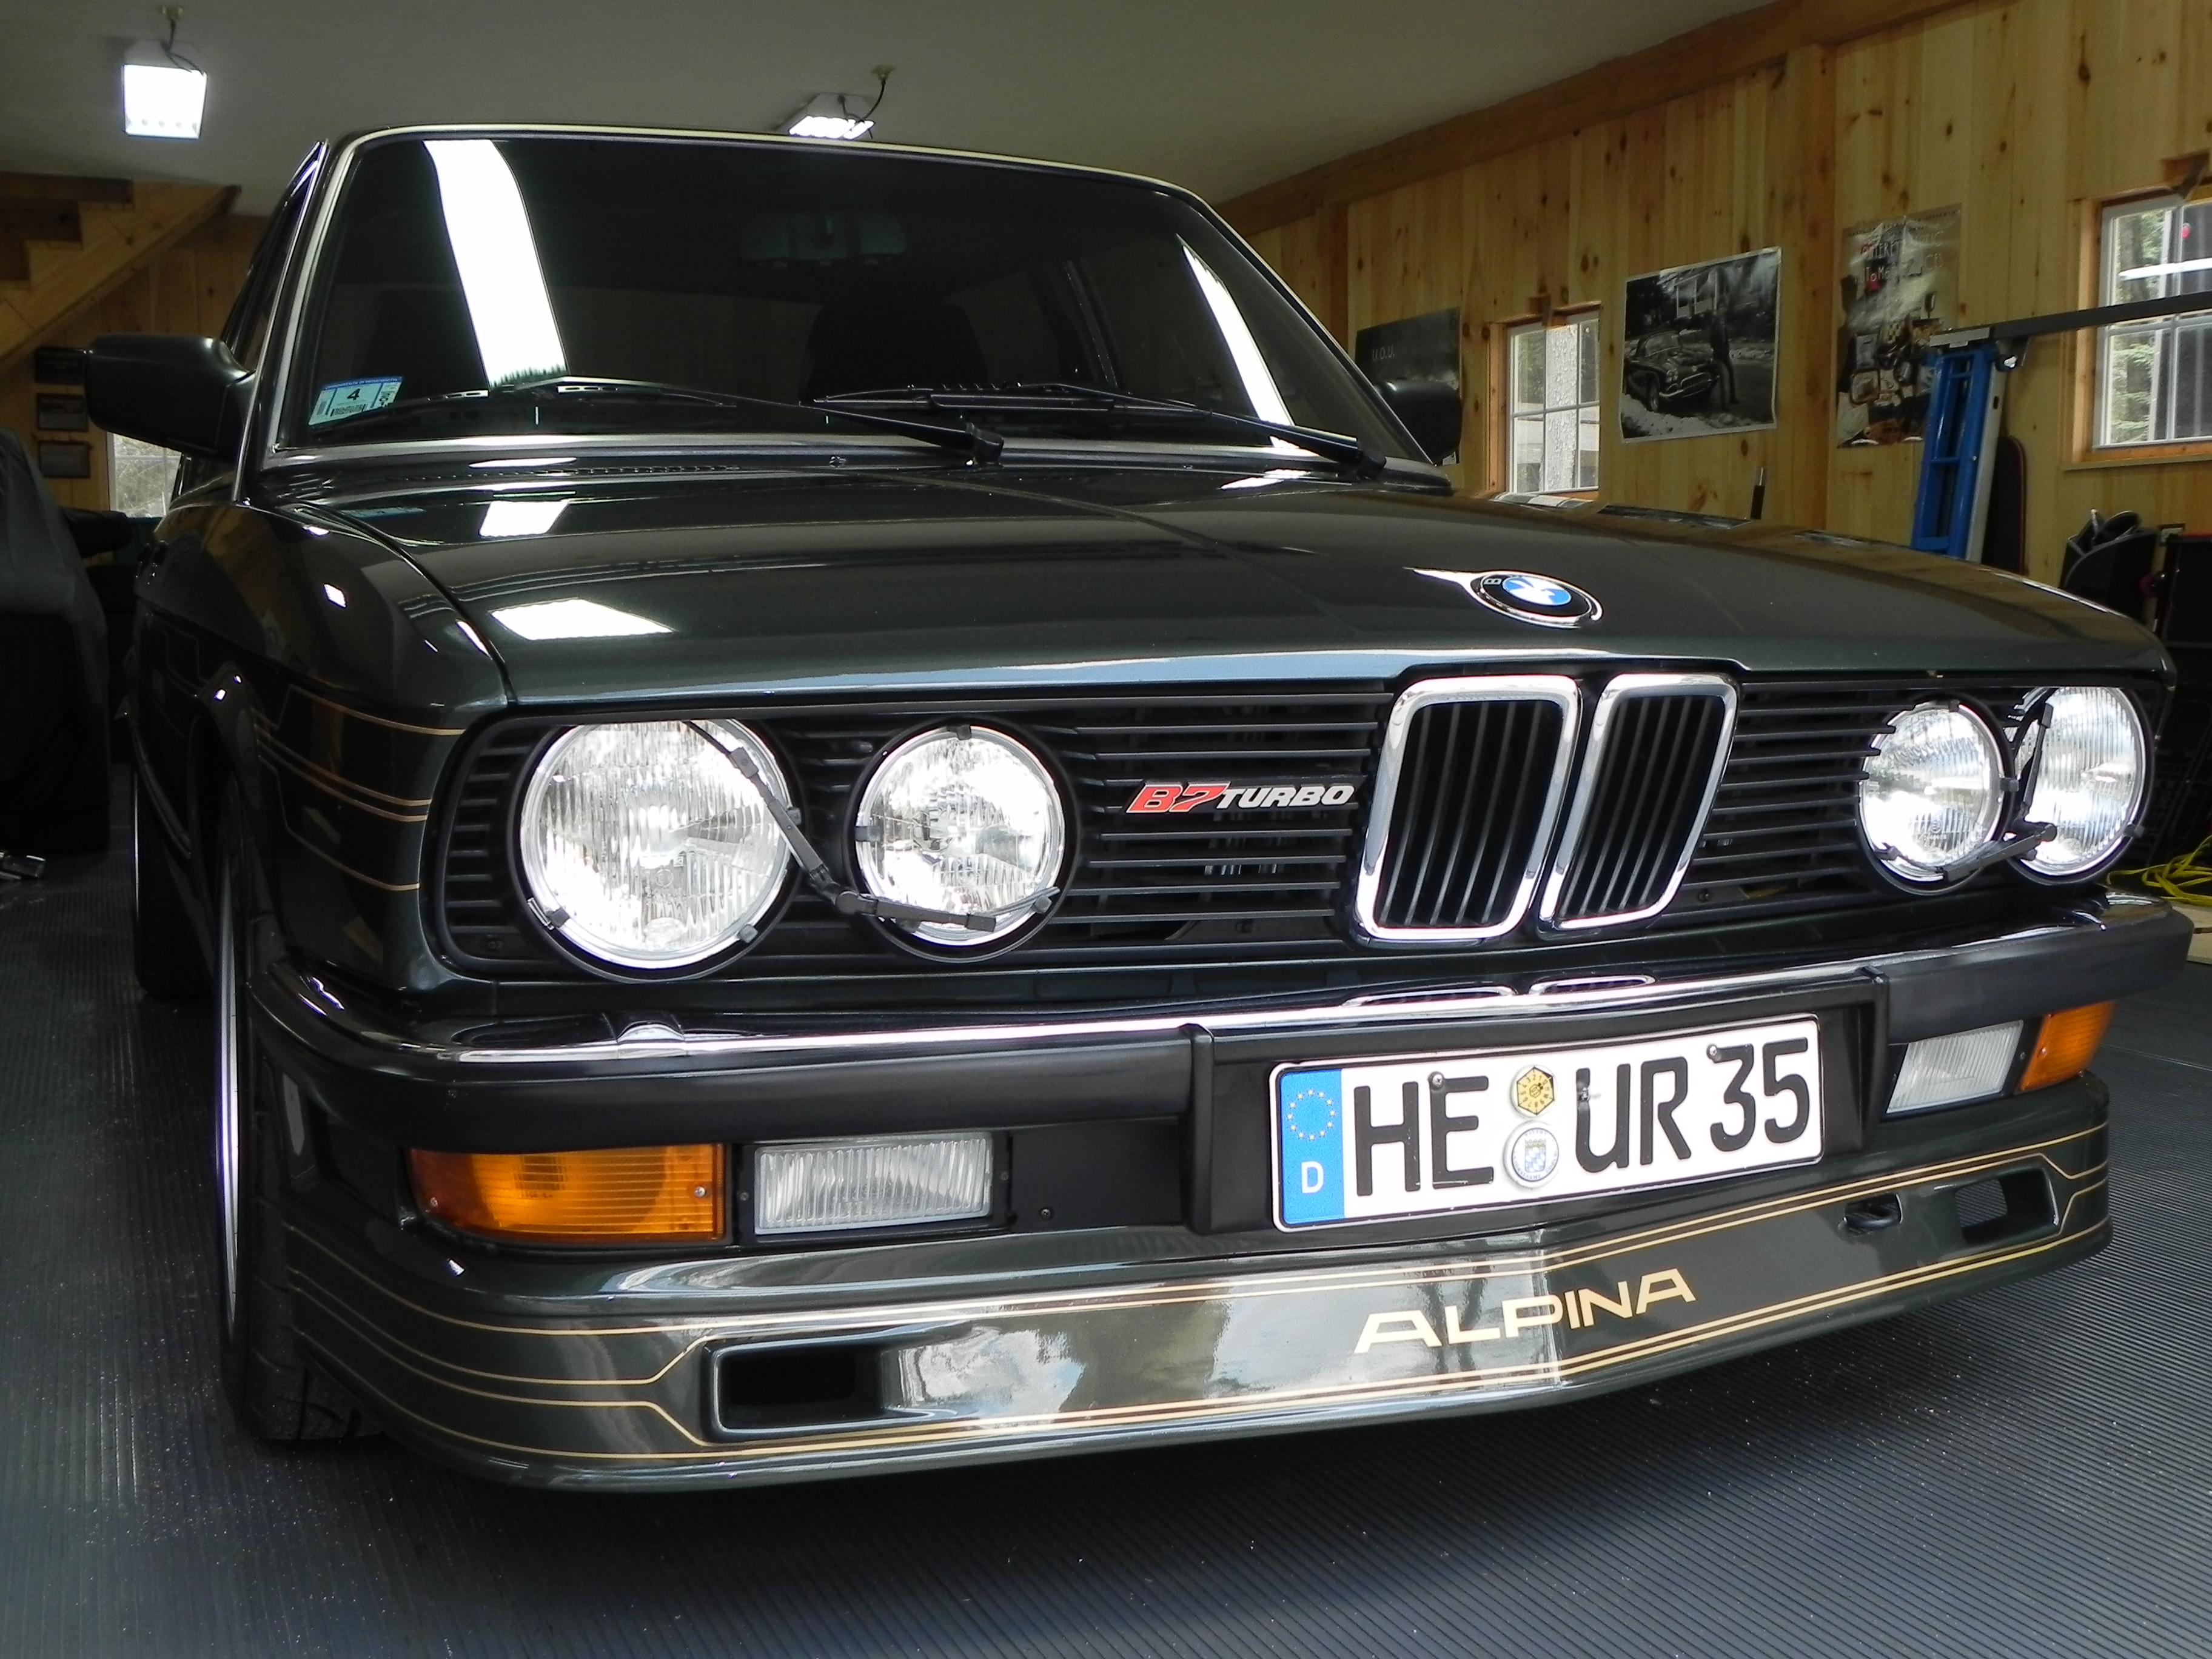 1985 Alpina B7 Turbo 1 Of 4 In North America